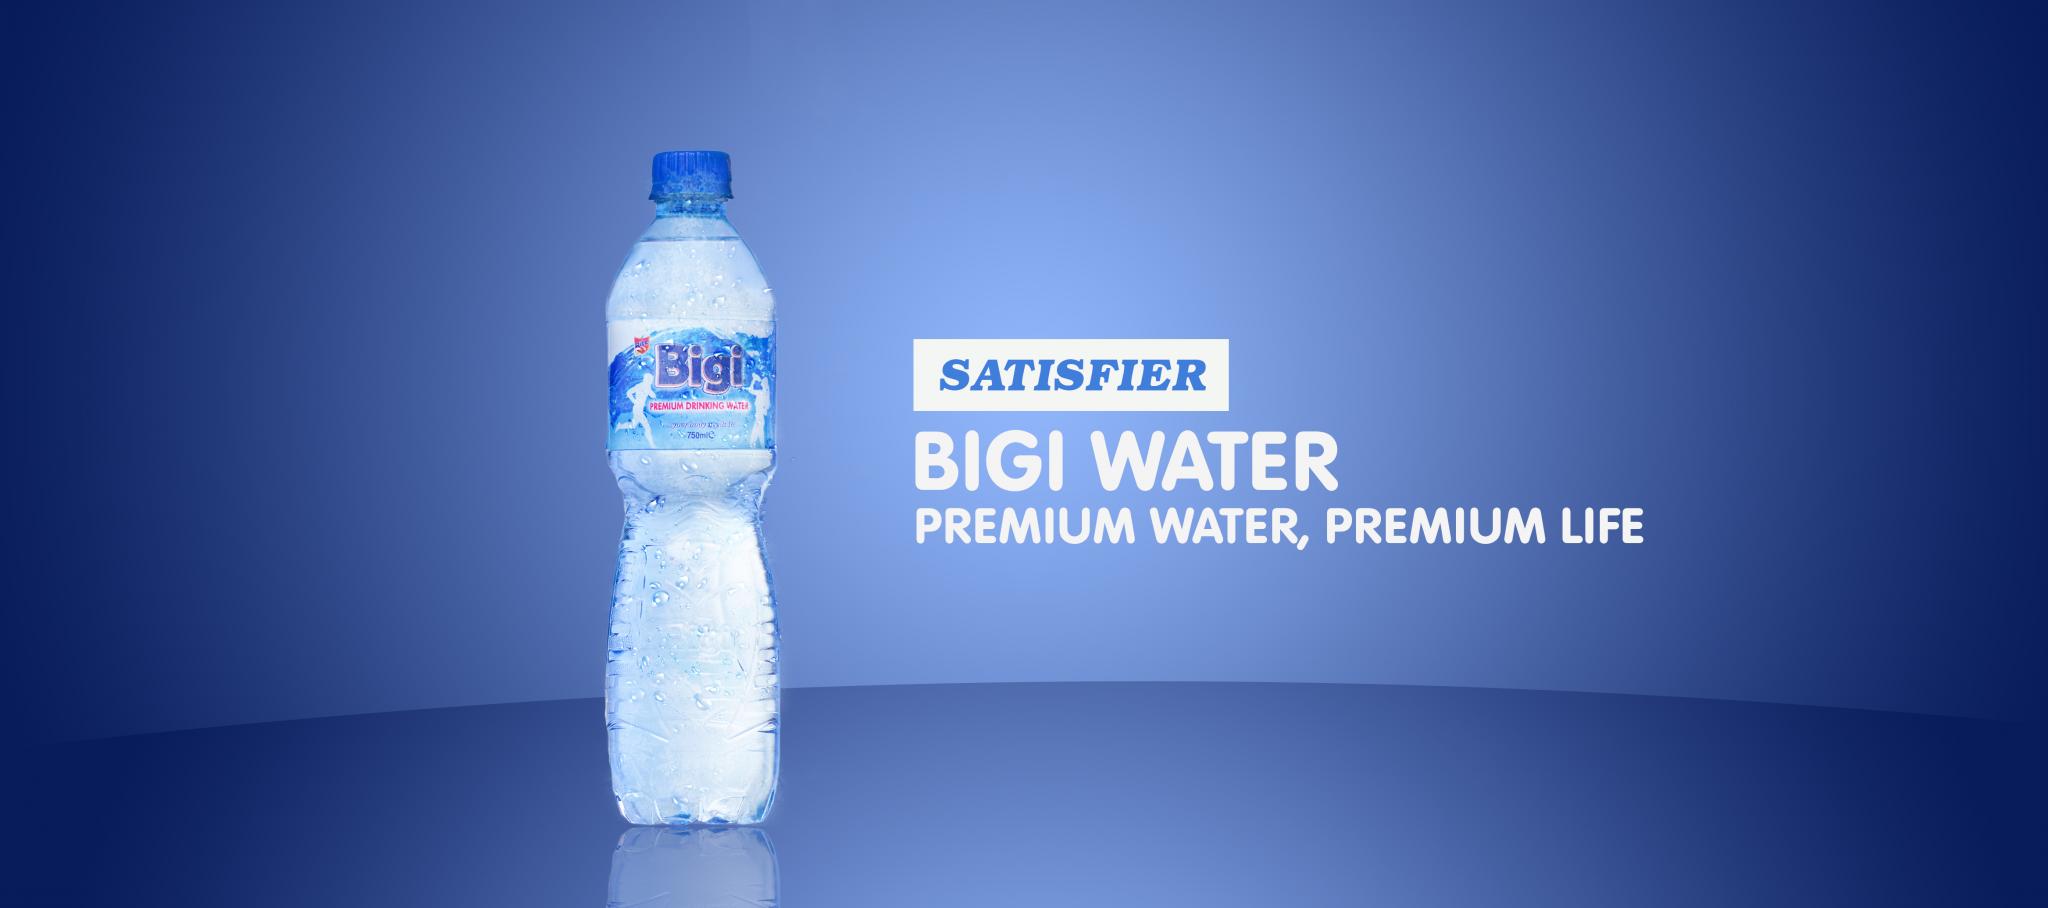 Bigi Premium water